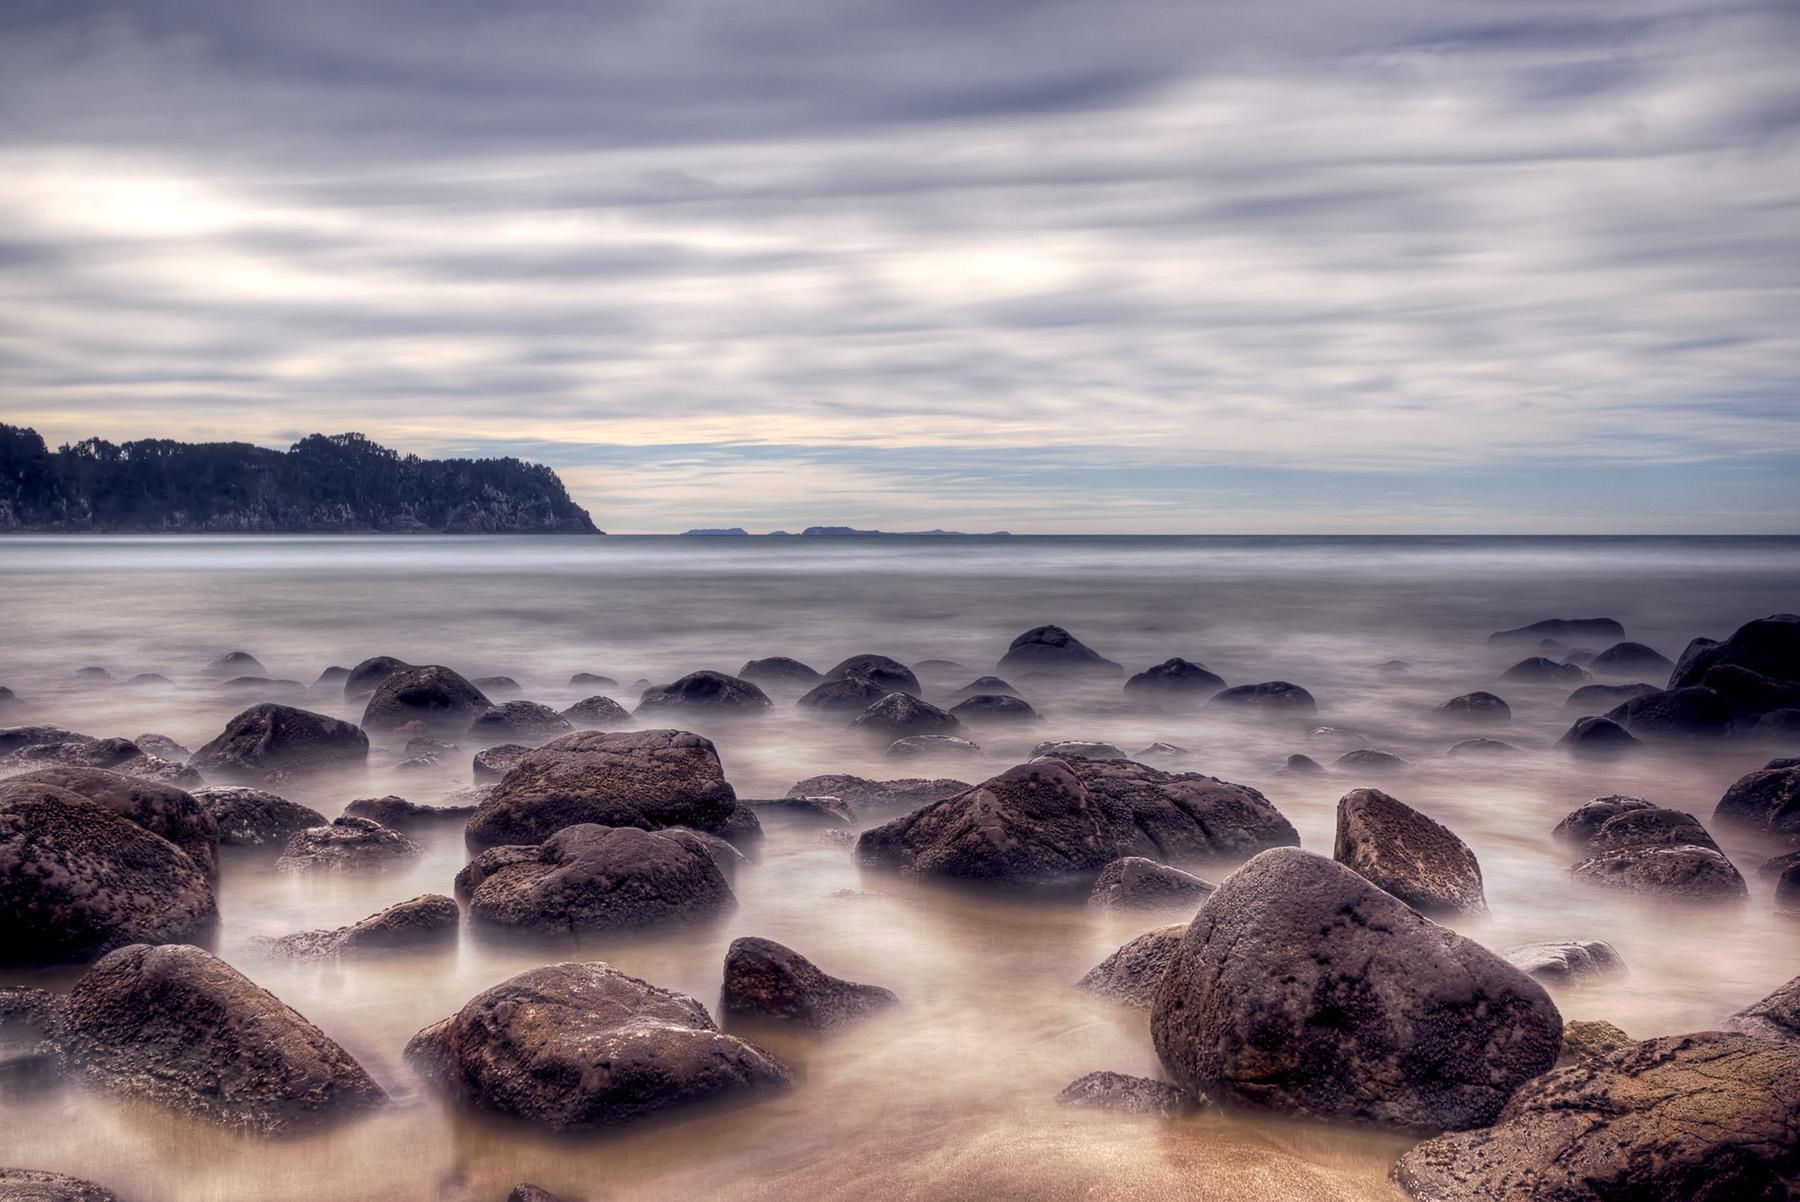 hotwater_beach